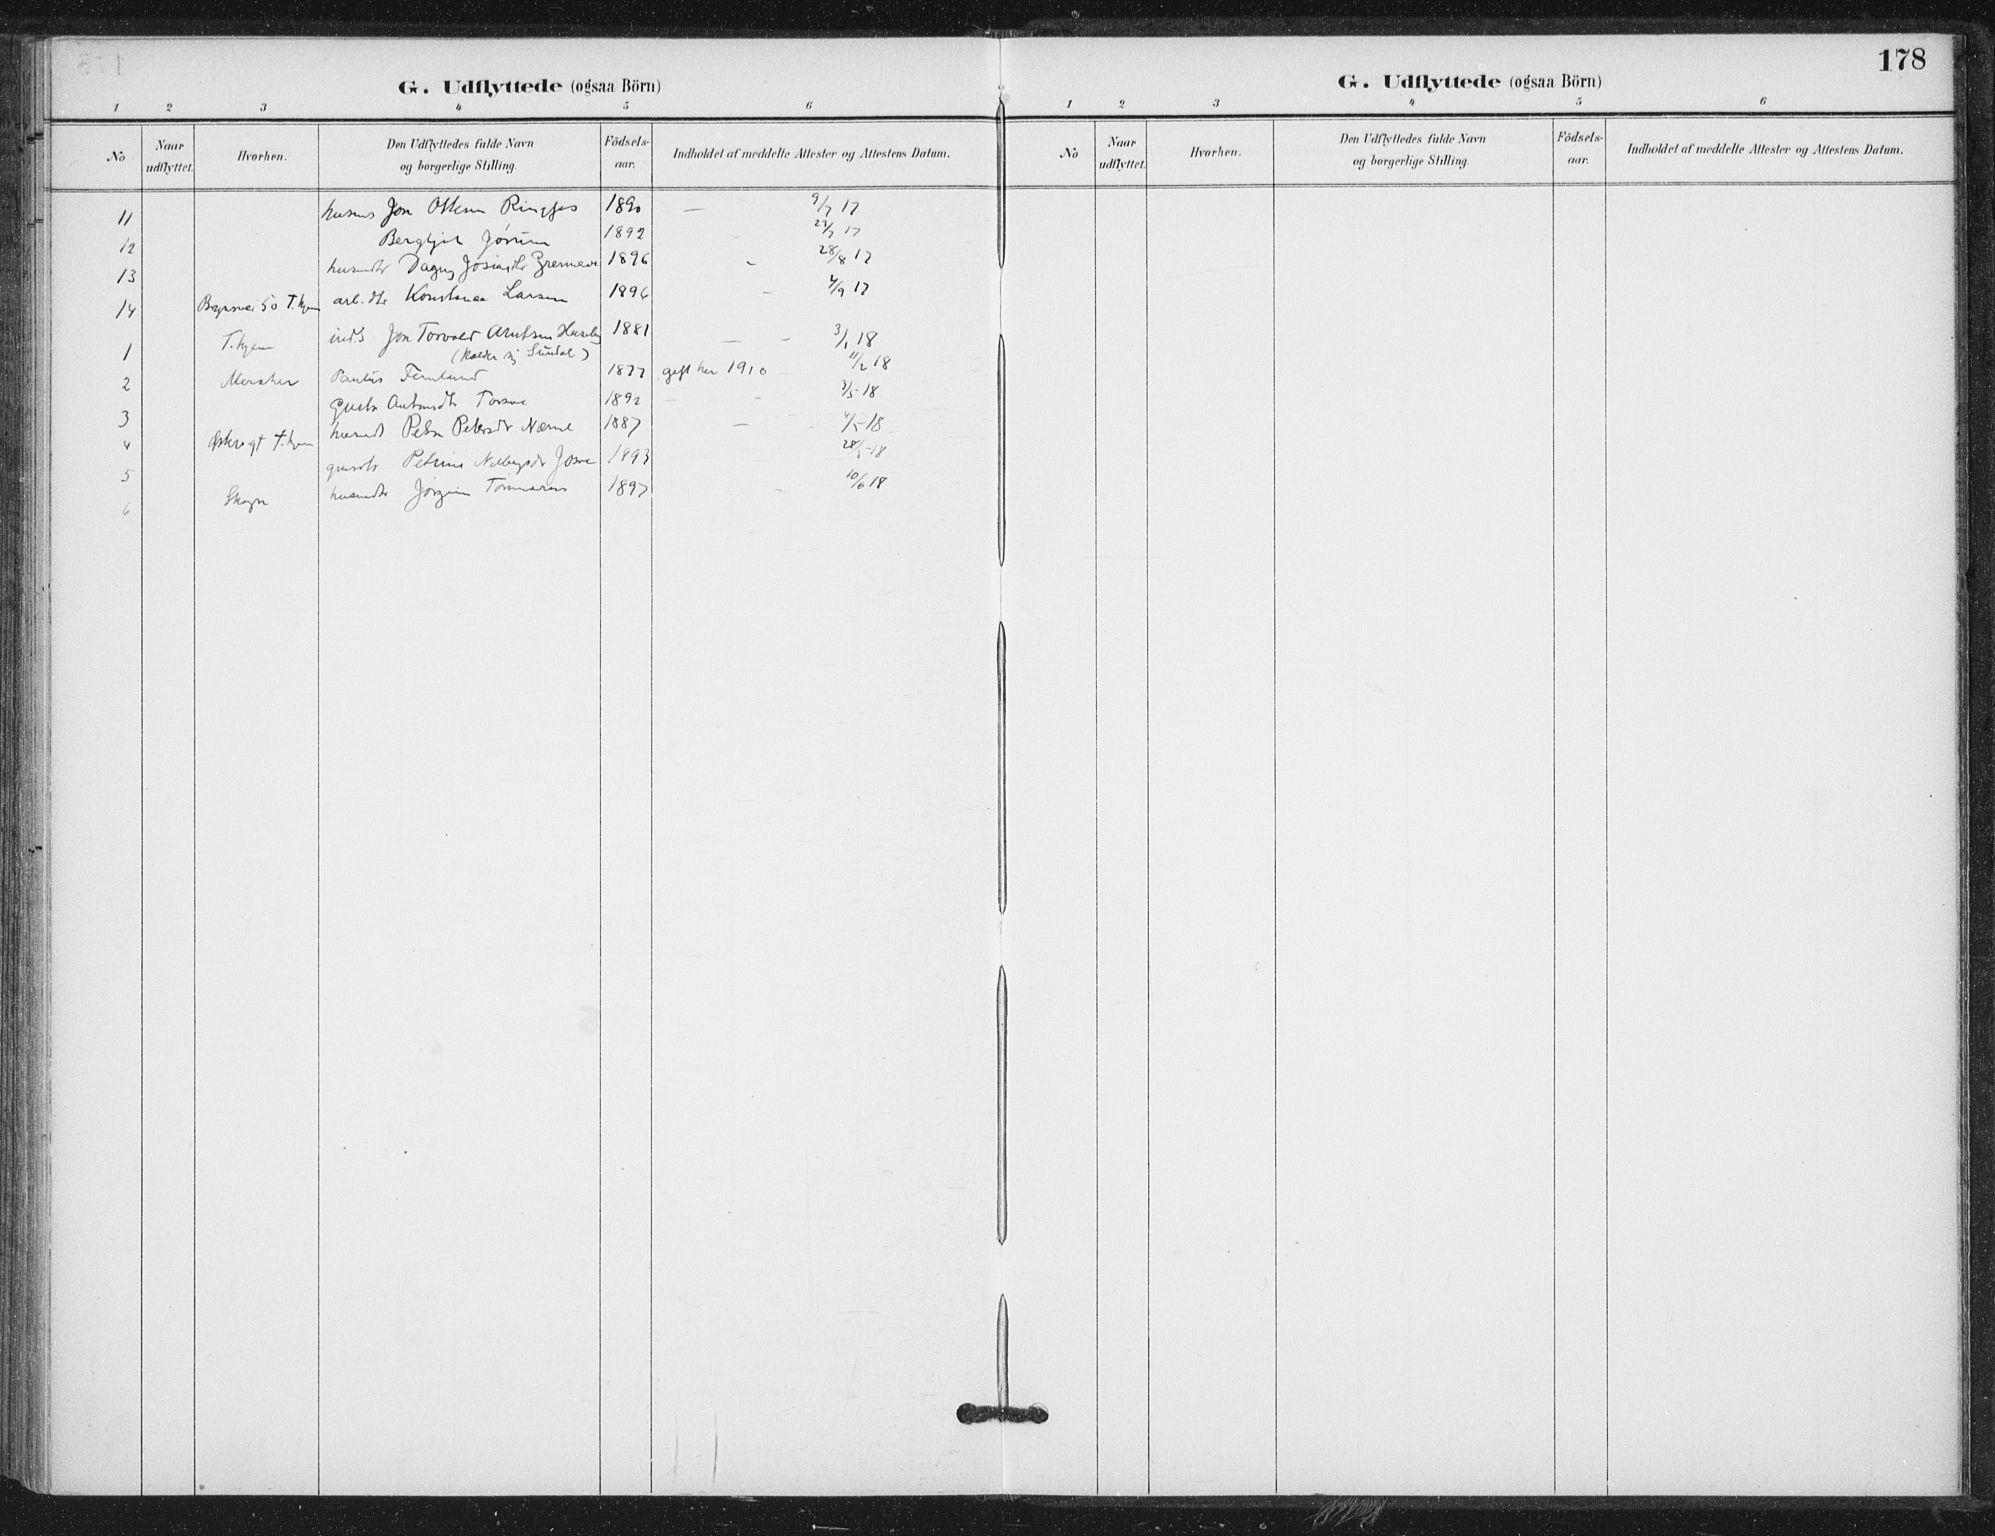 SAT, Ministerialprotokoller, klokkerbøker og fødselsregistre - Nord-Trøndelag, 714/L0131: Ministerialbok nr. 714A02, 1896-1918, s. 178